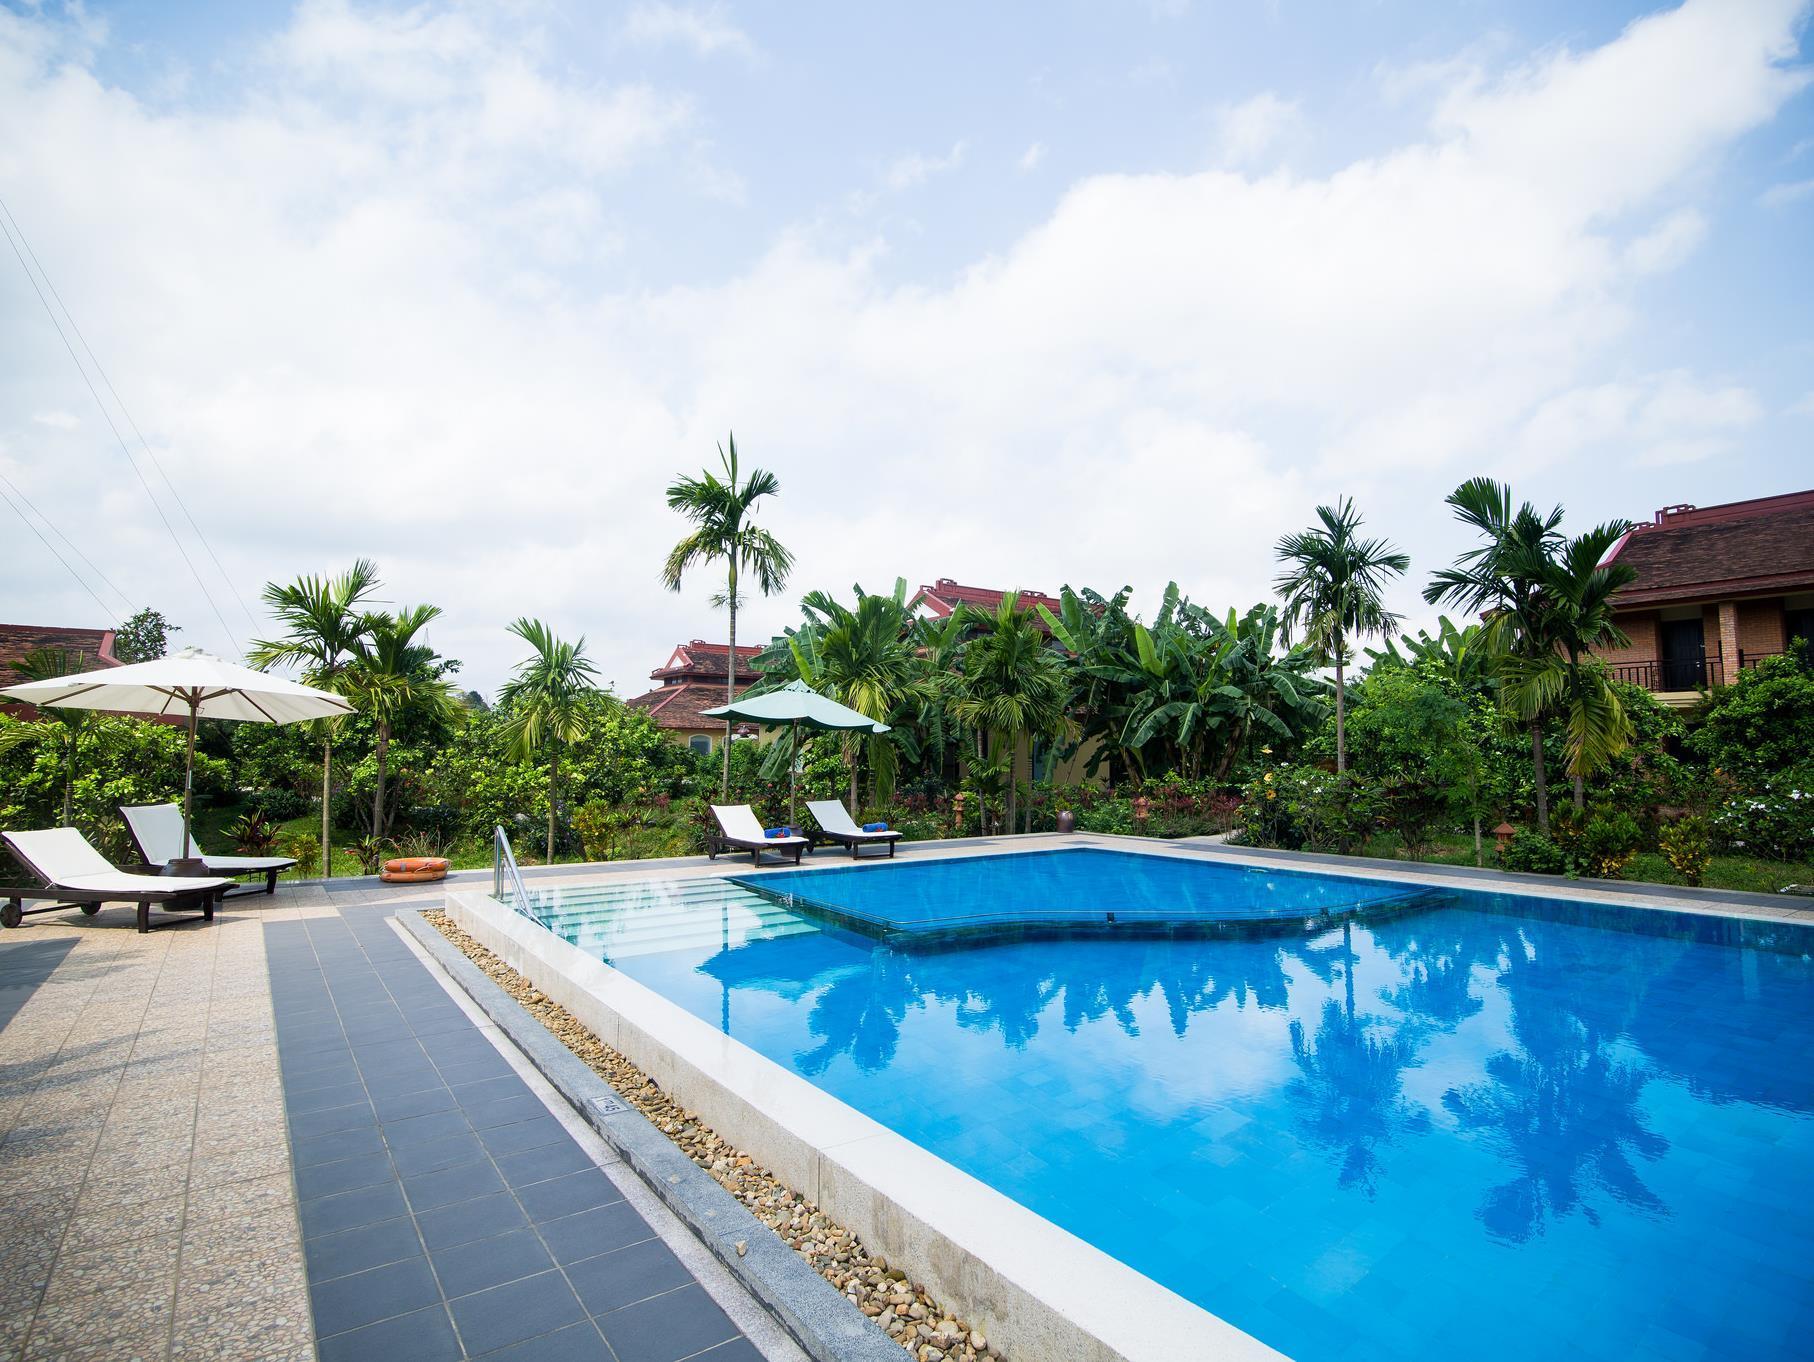 Hue Riverside Boutique Resort & Spa - Hue